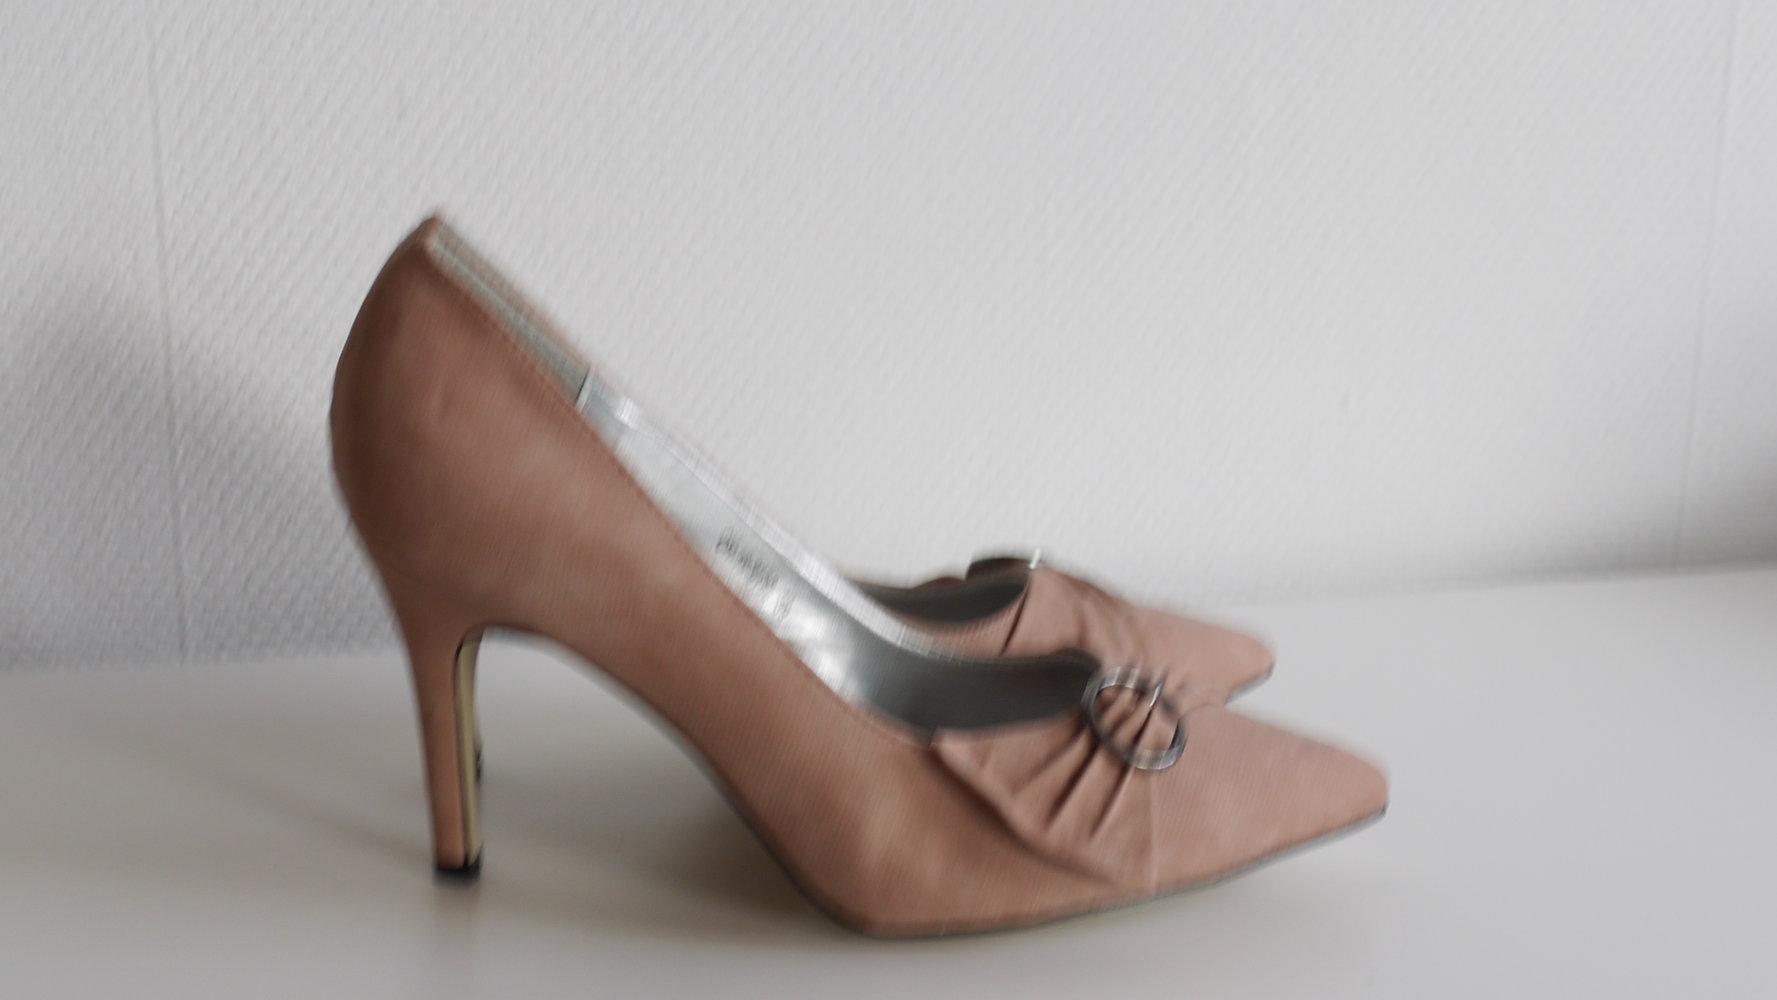 d1a16cc2bb289 Neue Nude- Rosa High Heels, Pumps